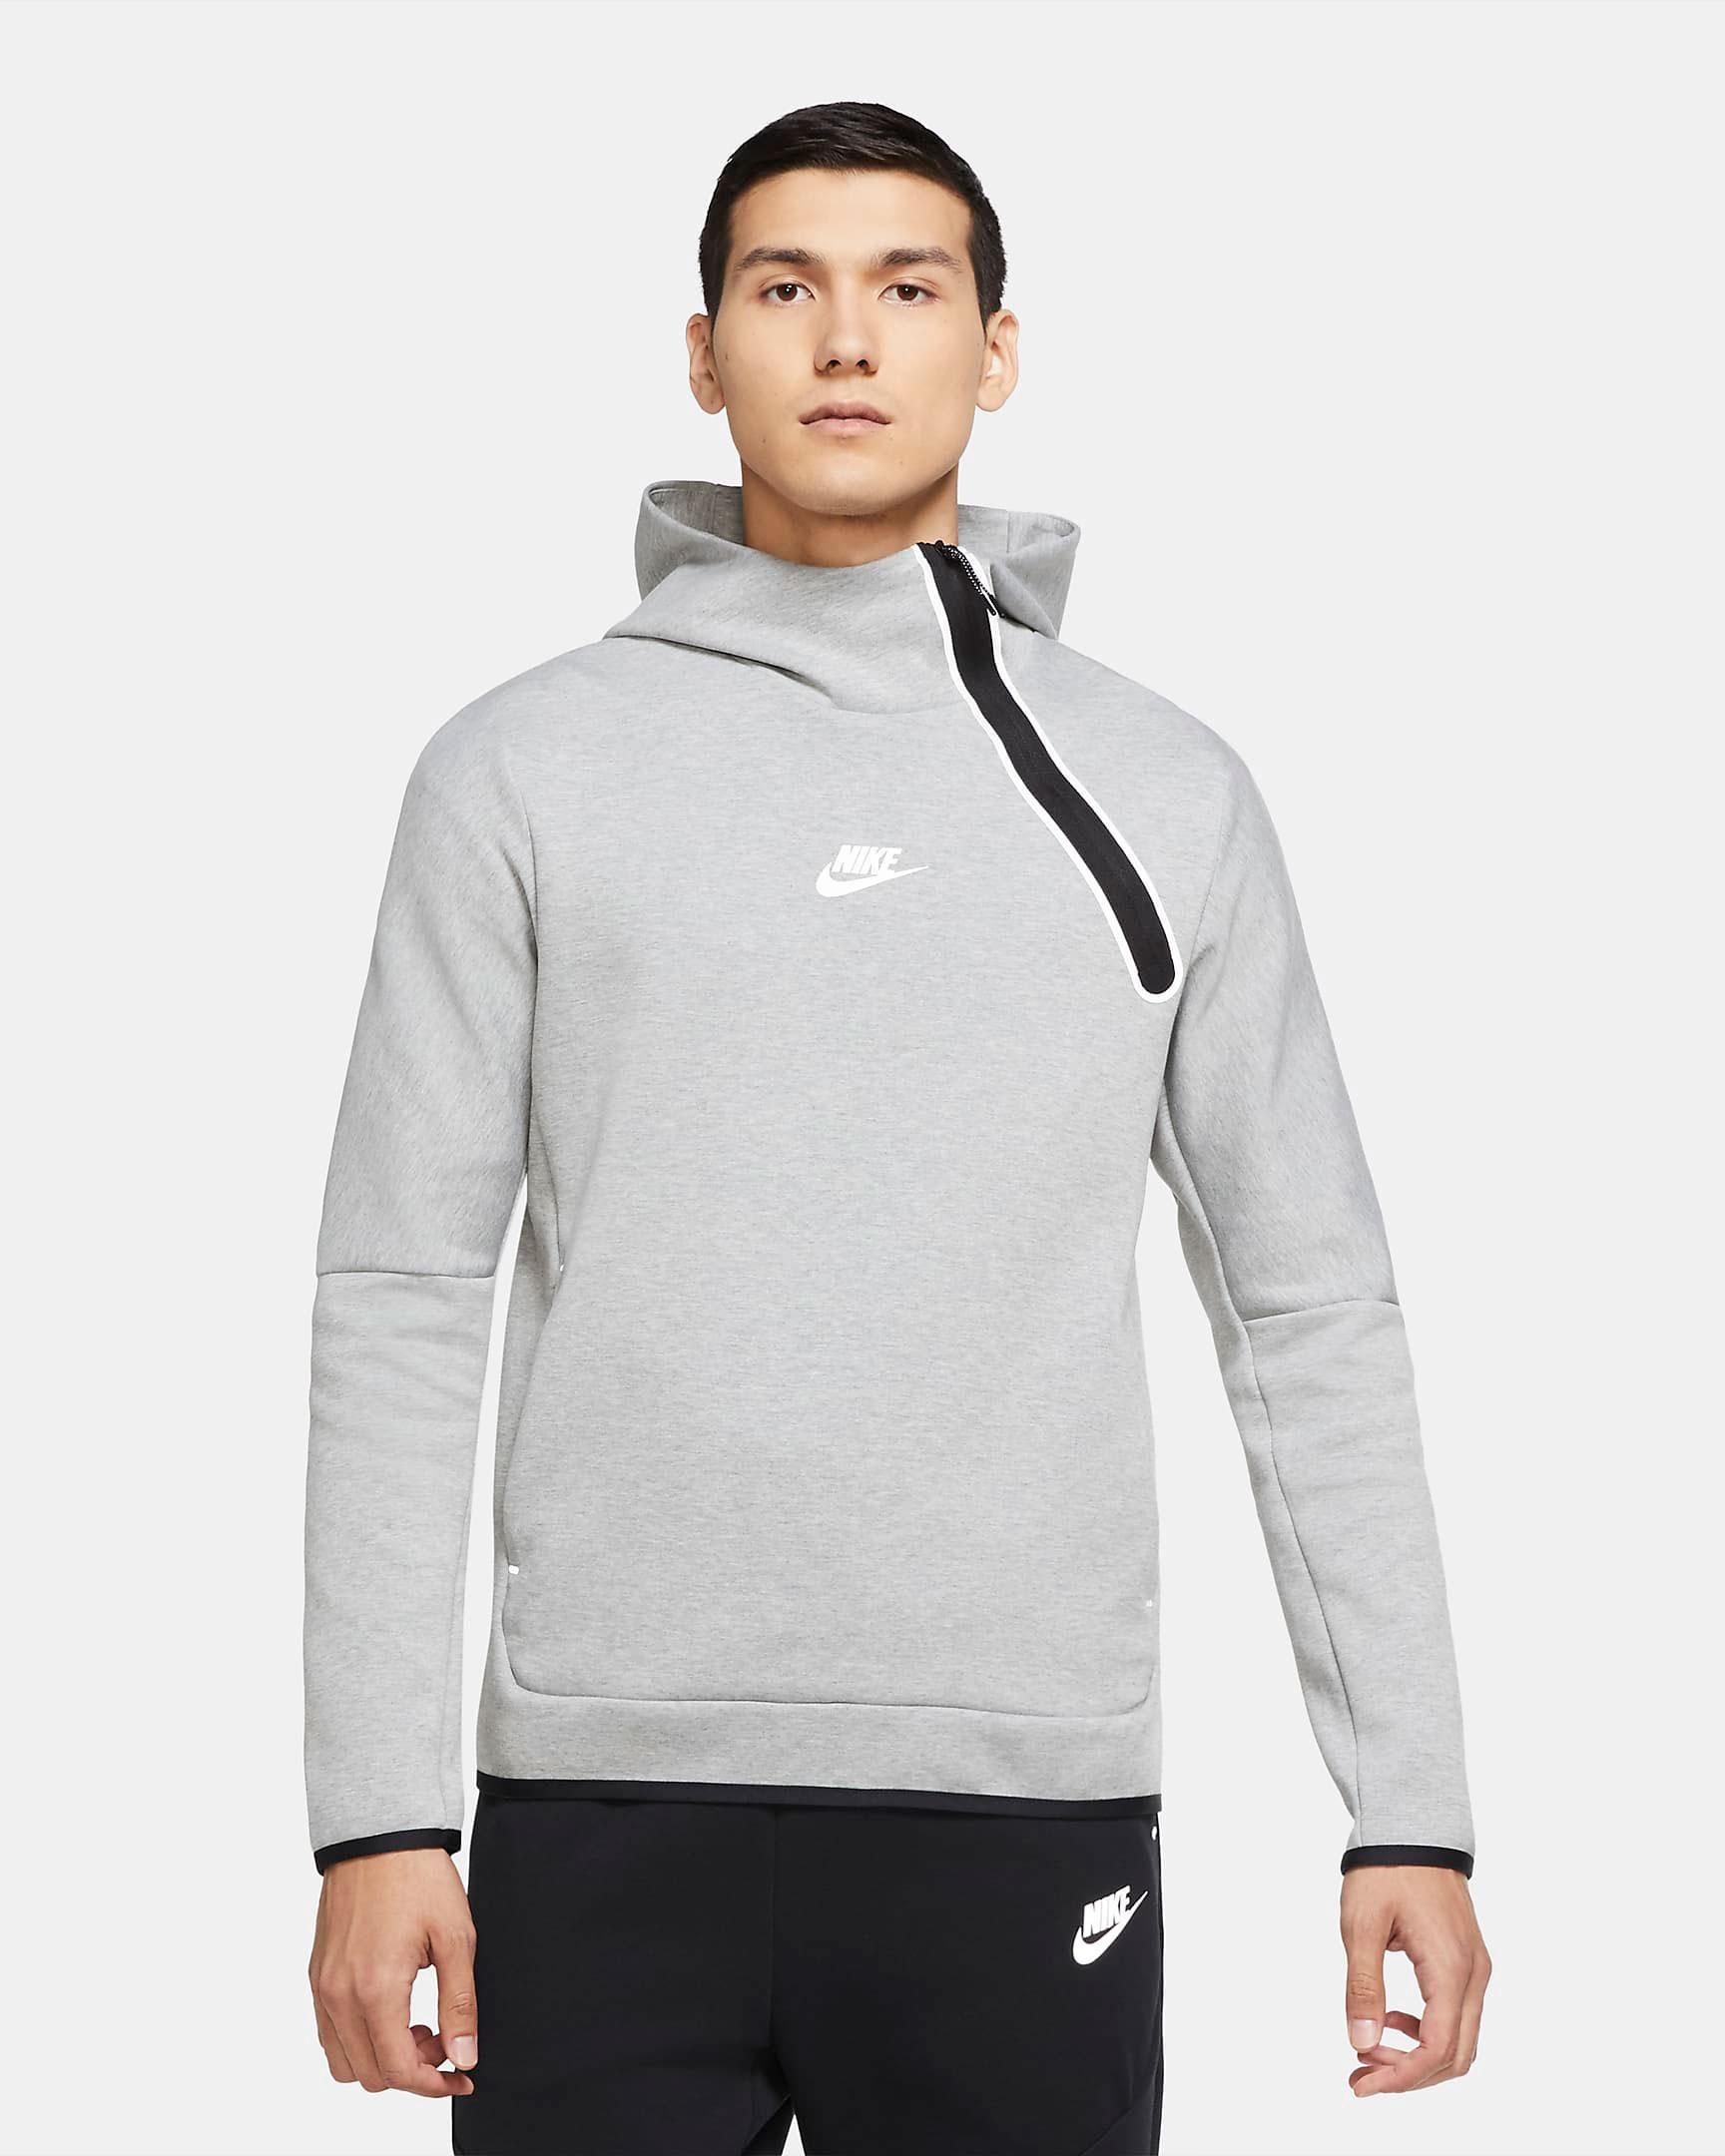 nike-tech-fleece-reflective-hoodie-grey-black-1